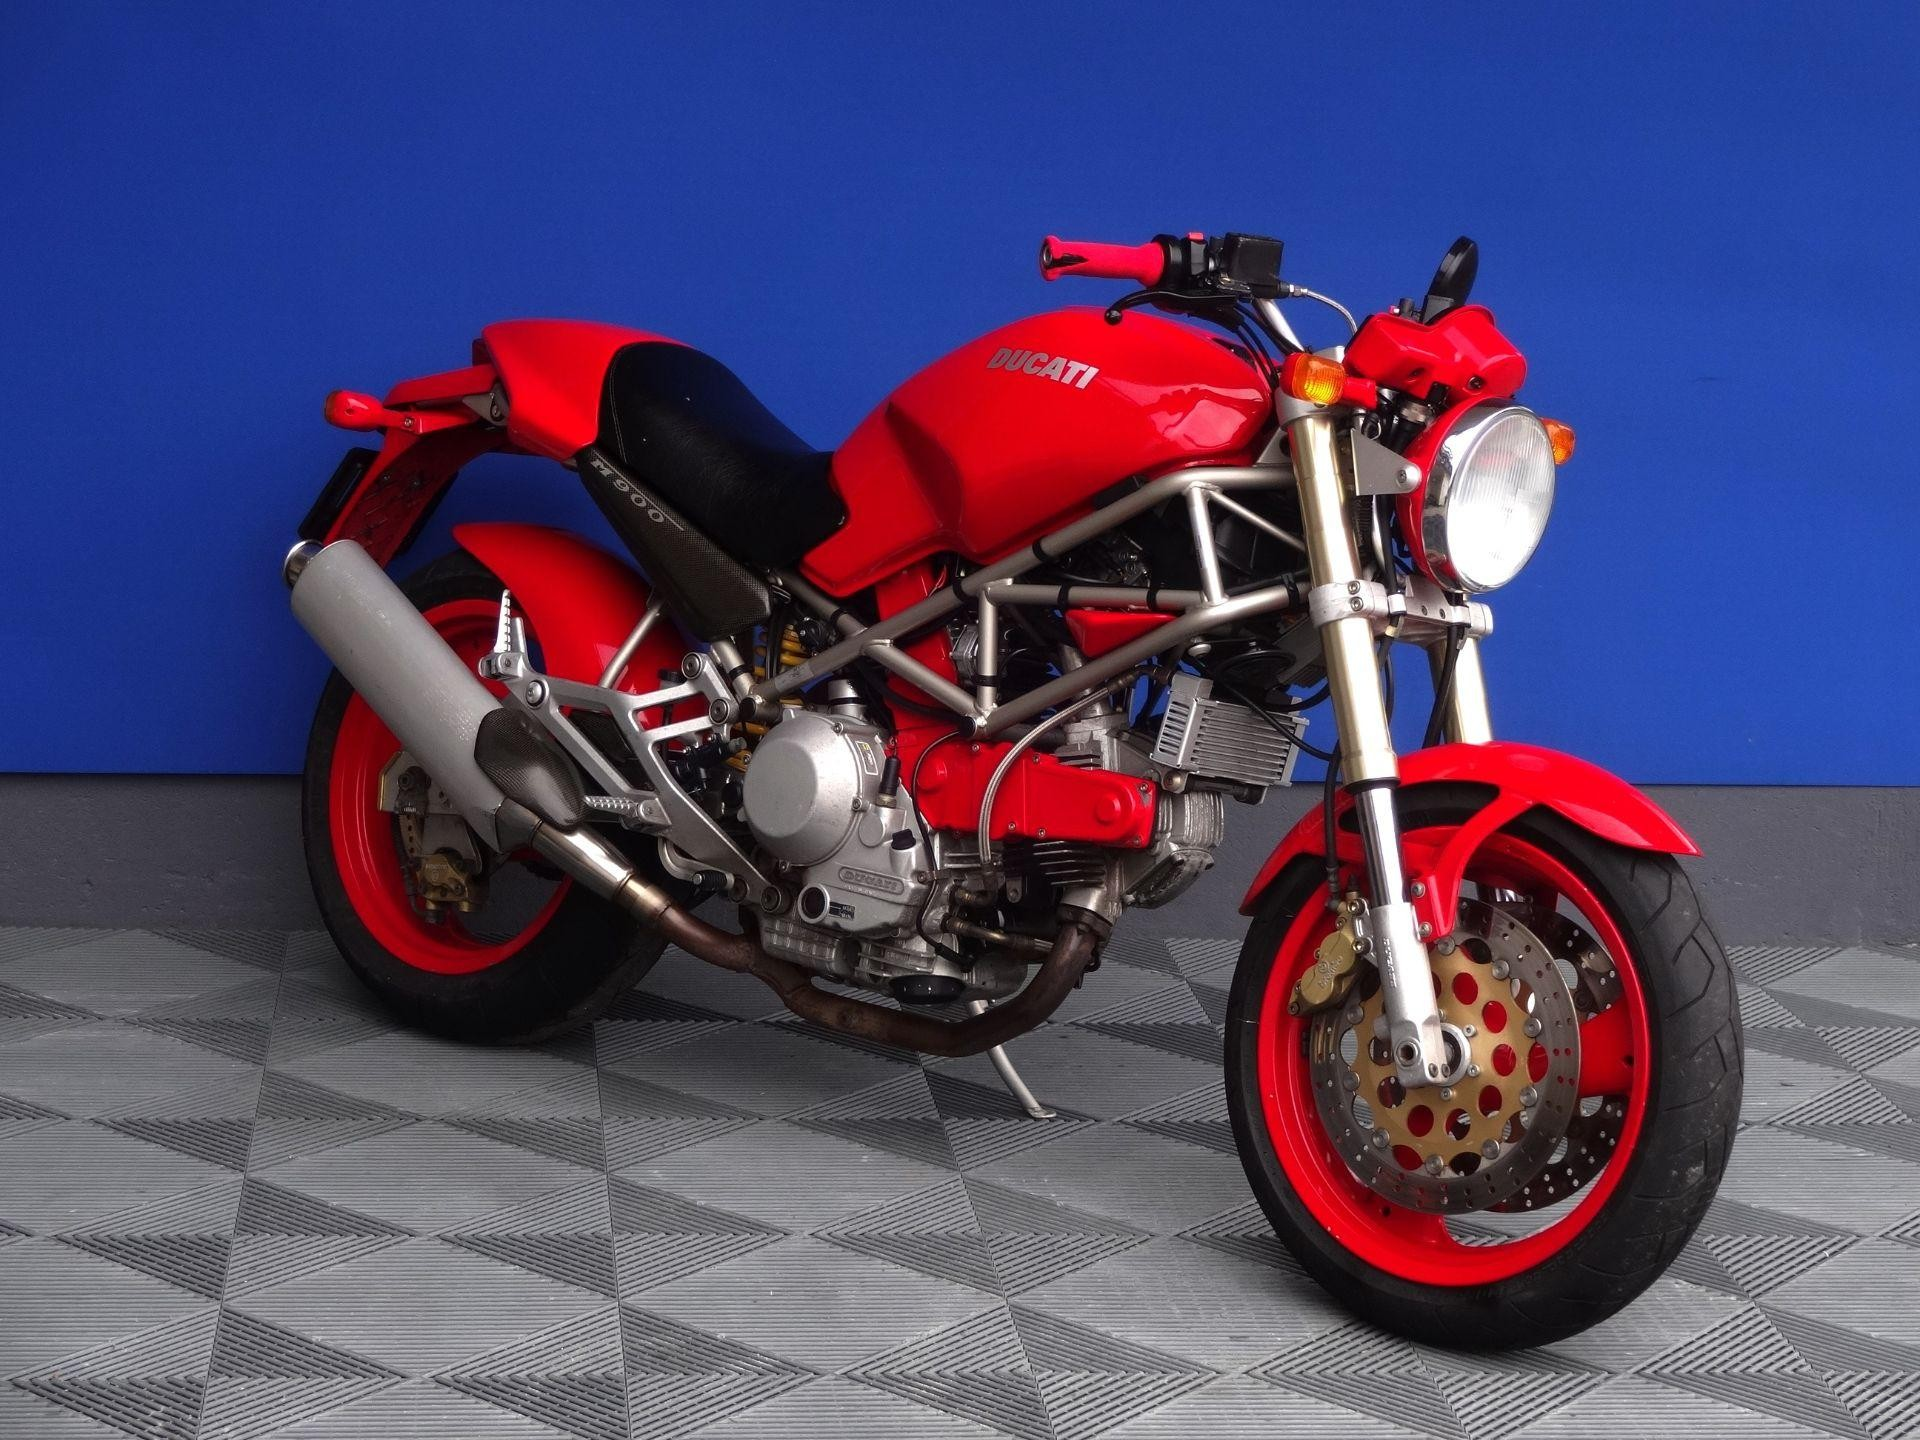 motorrad occasion kaufen ducati 900 monster vogel motorbikes sch pfheim. Black Bedroom Furniture Sets. Home Design Ideas